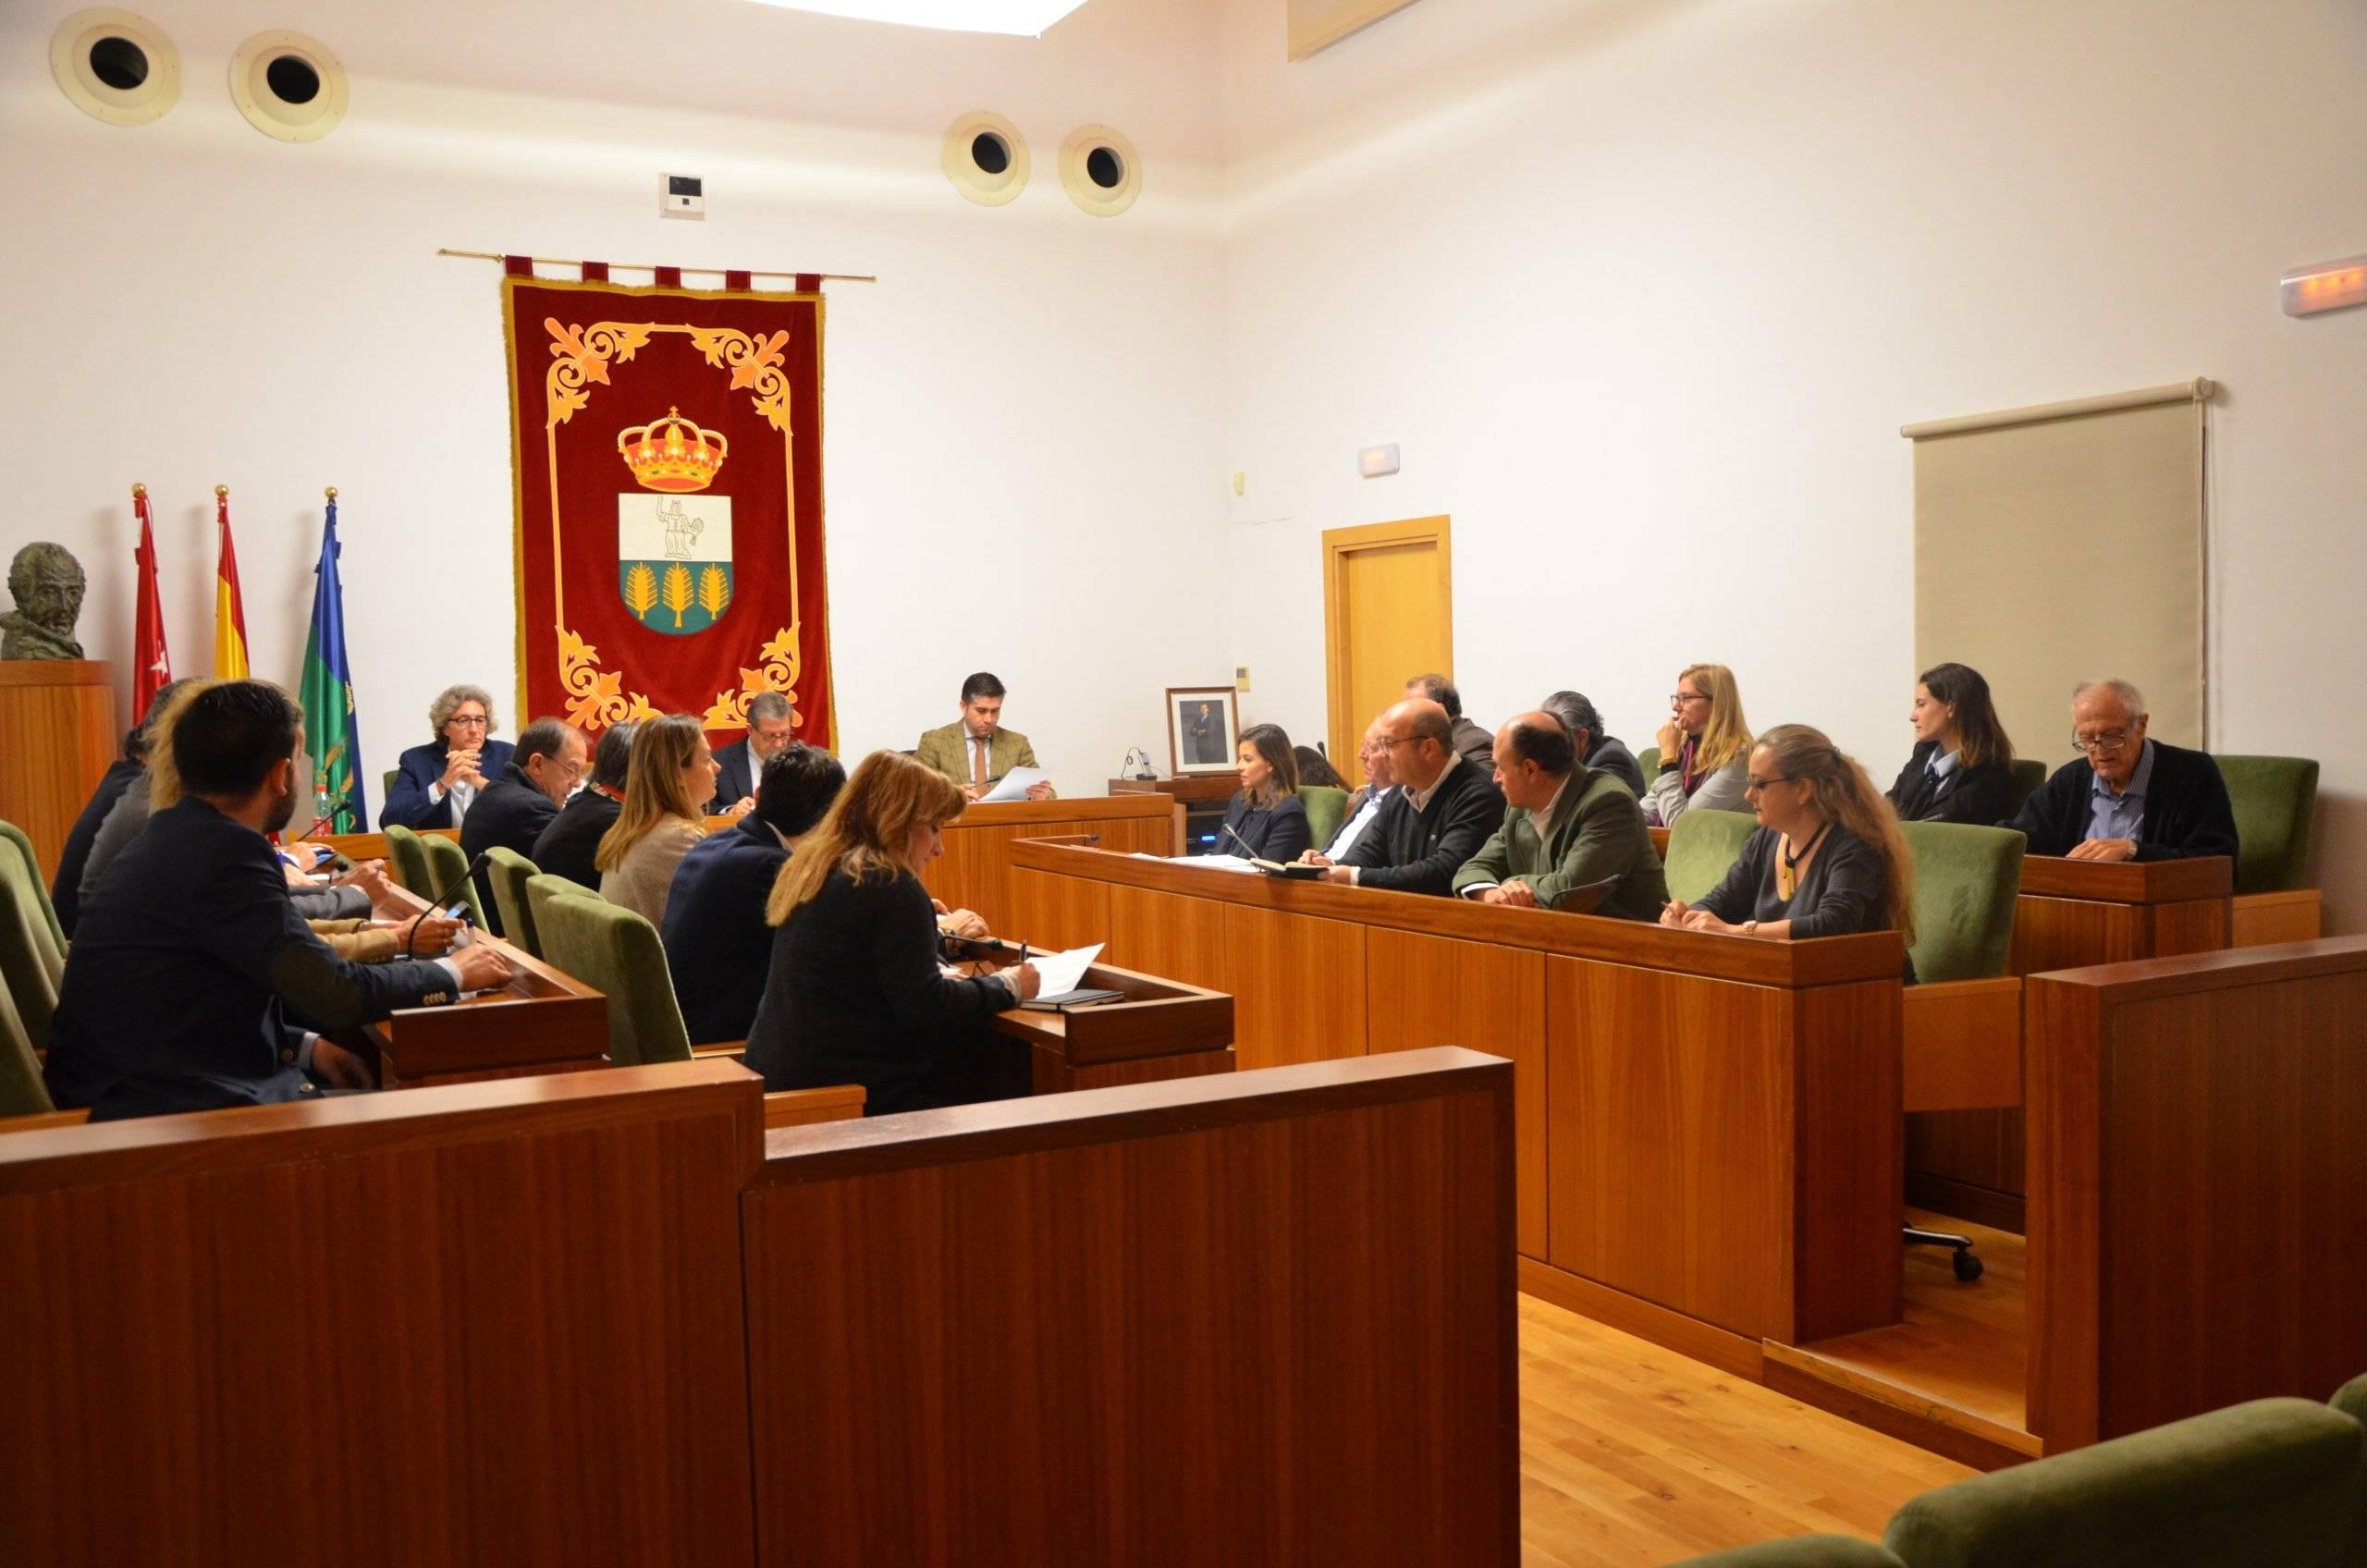 El salón de plenos durante la sesión.